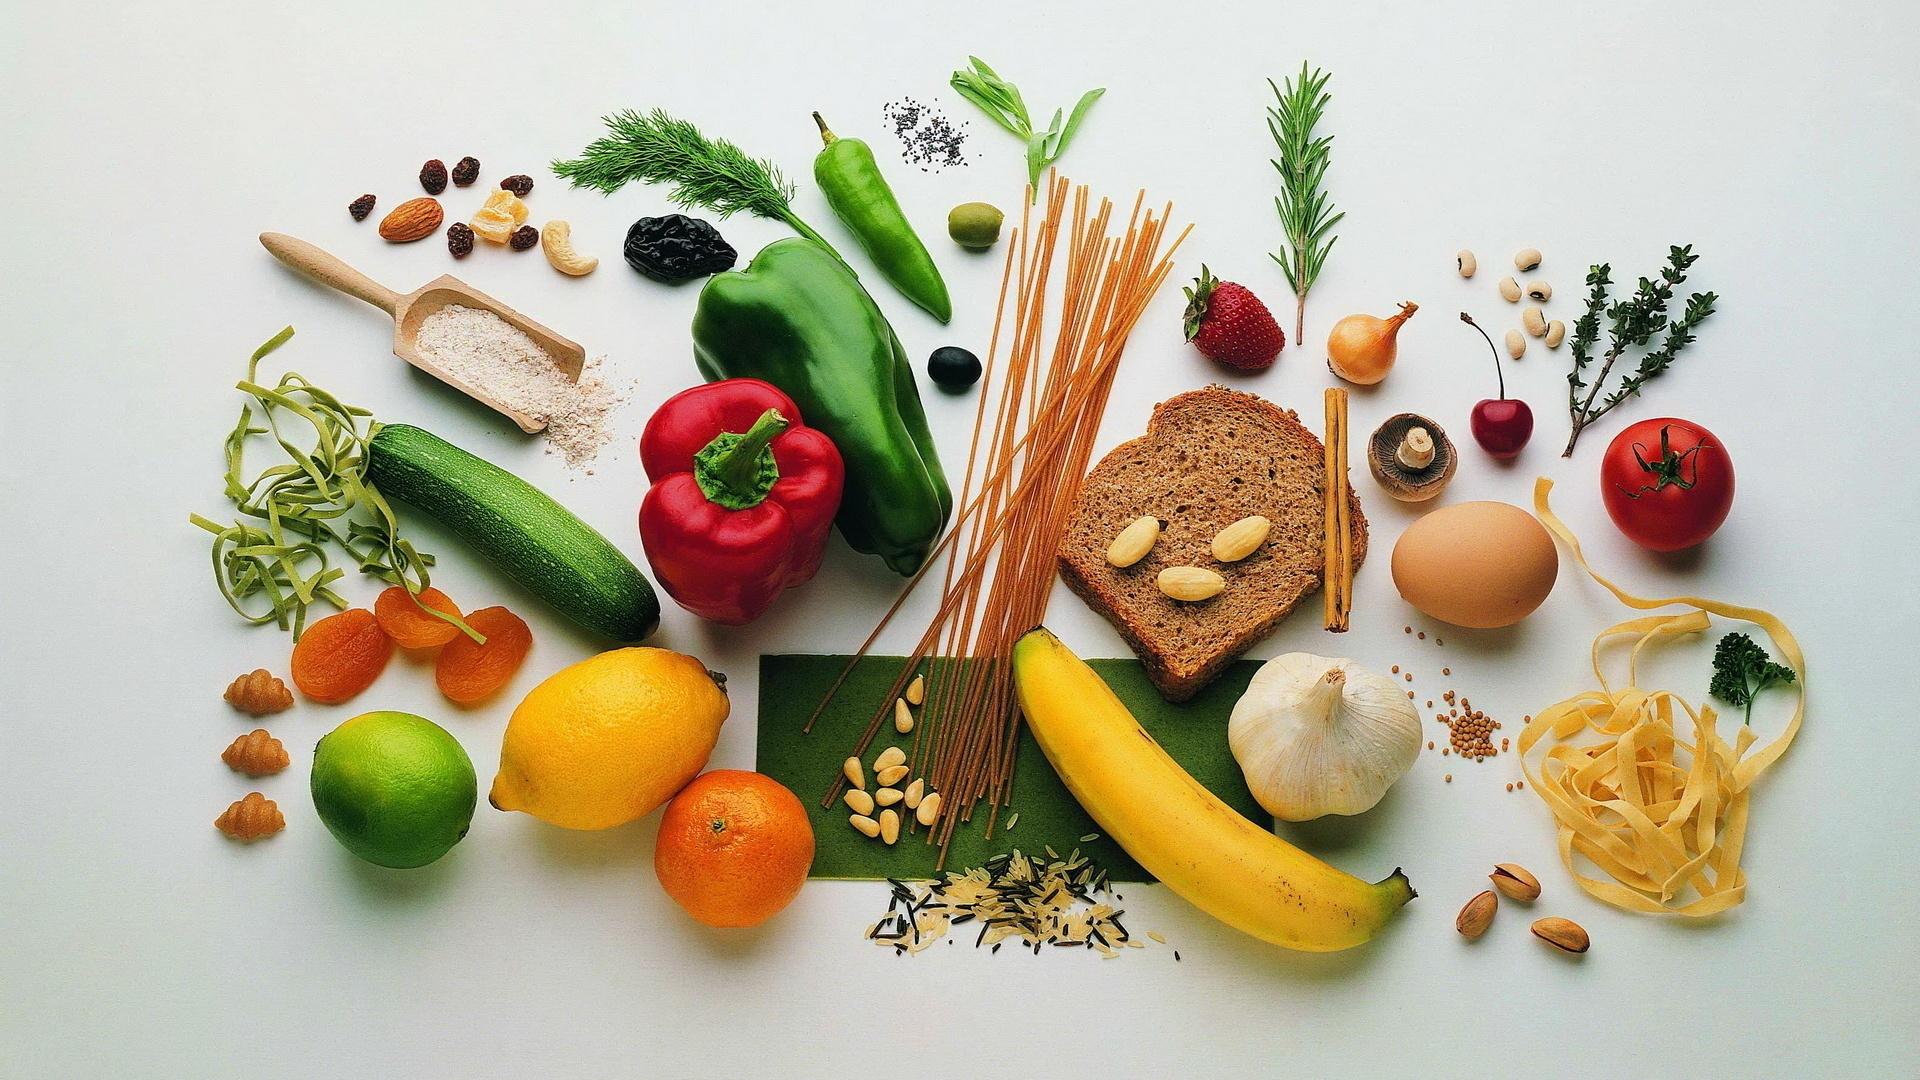 ДИЕТА СКАЧАТЬ ру все - dietaloadru